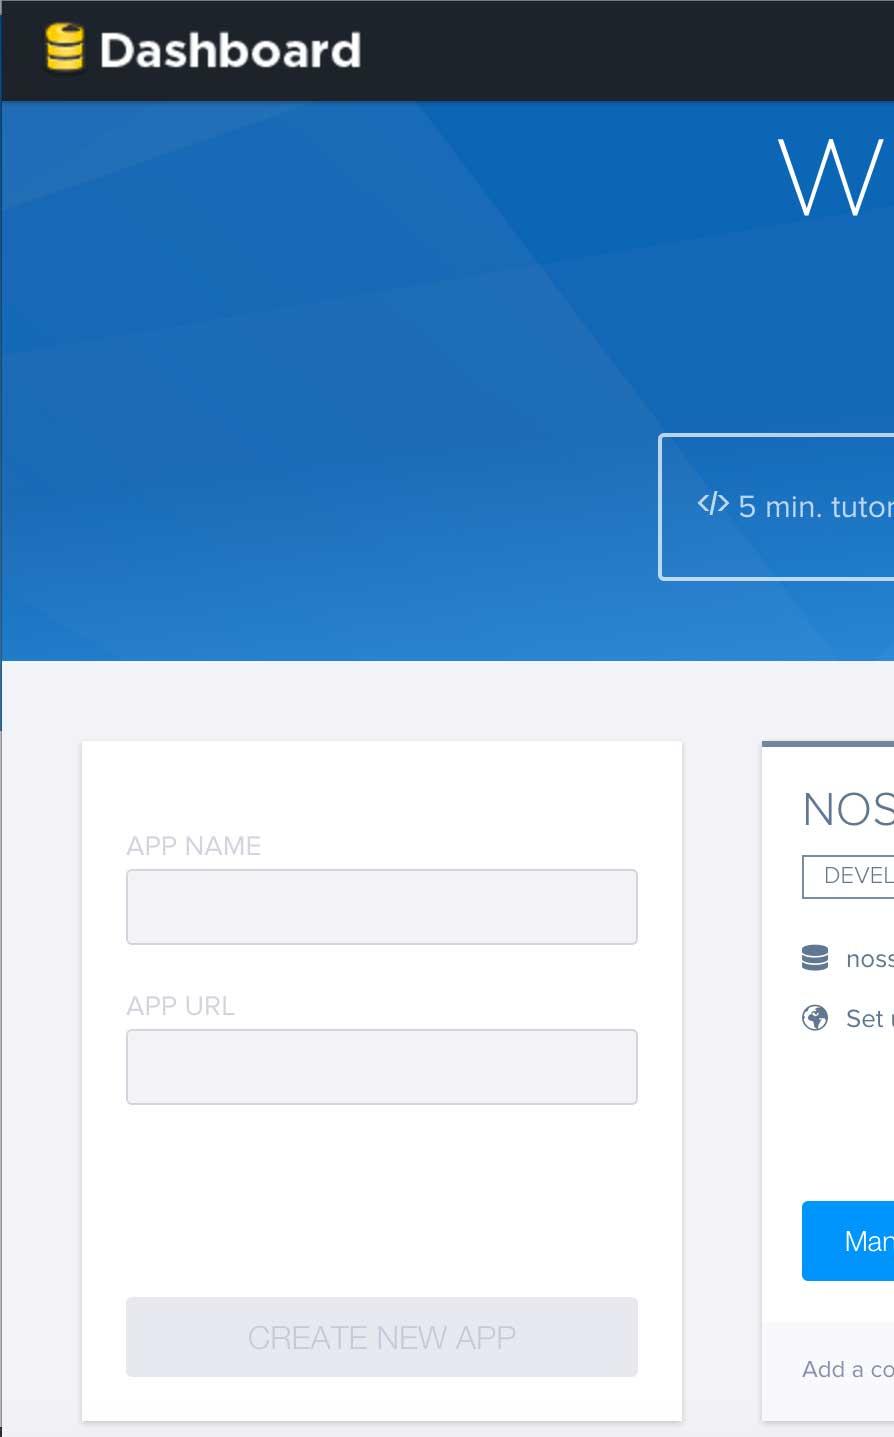 Criando um novo app no dashboard Firebase